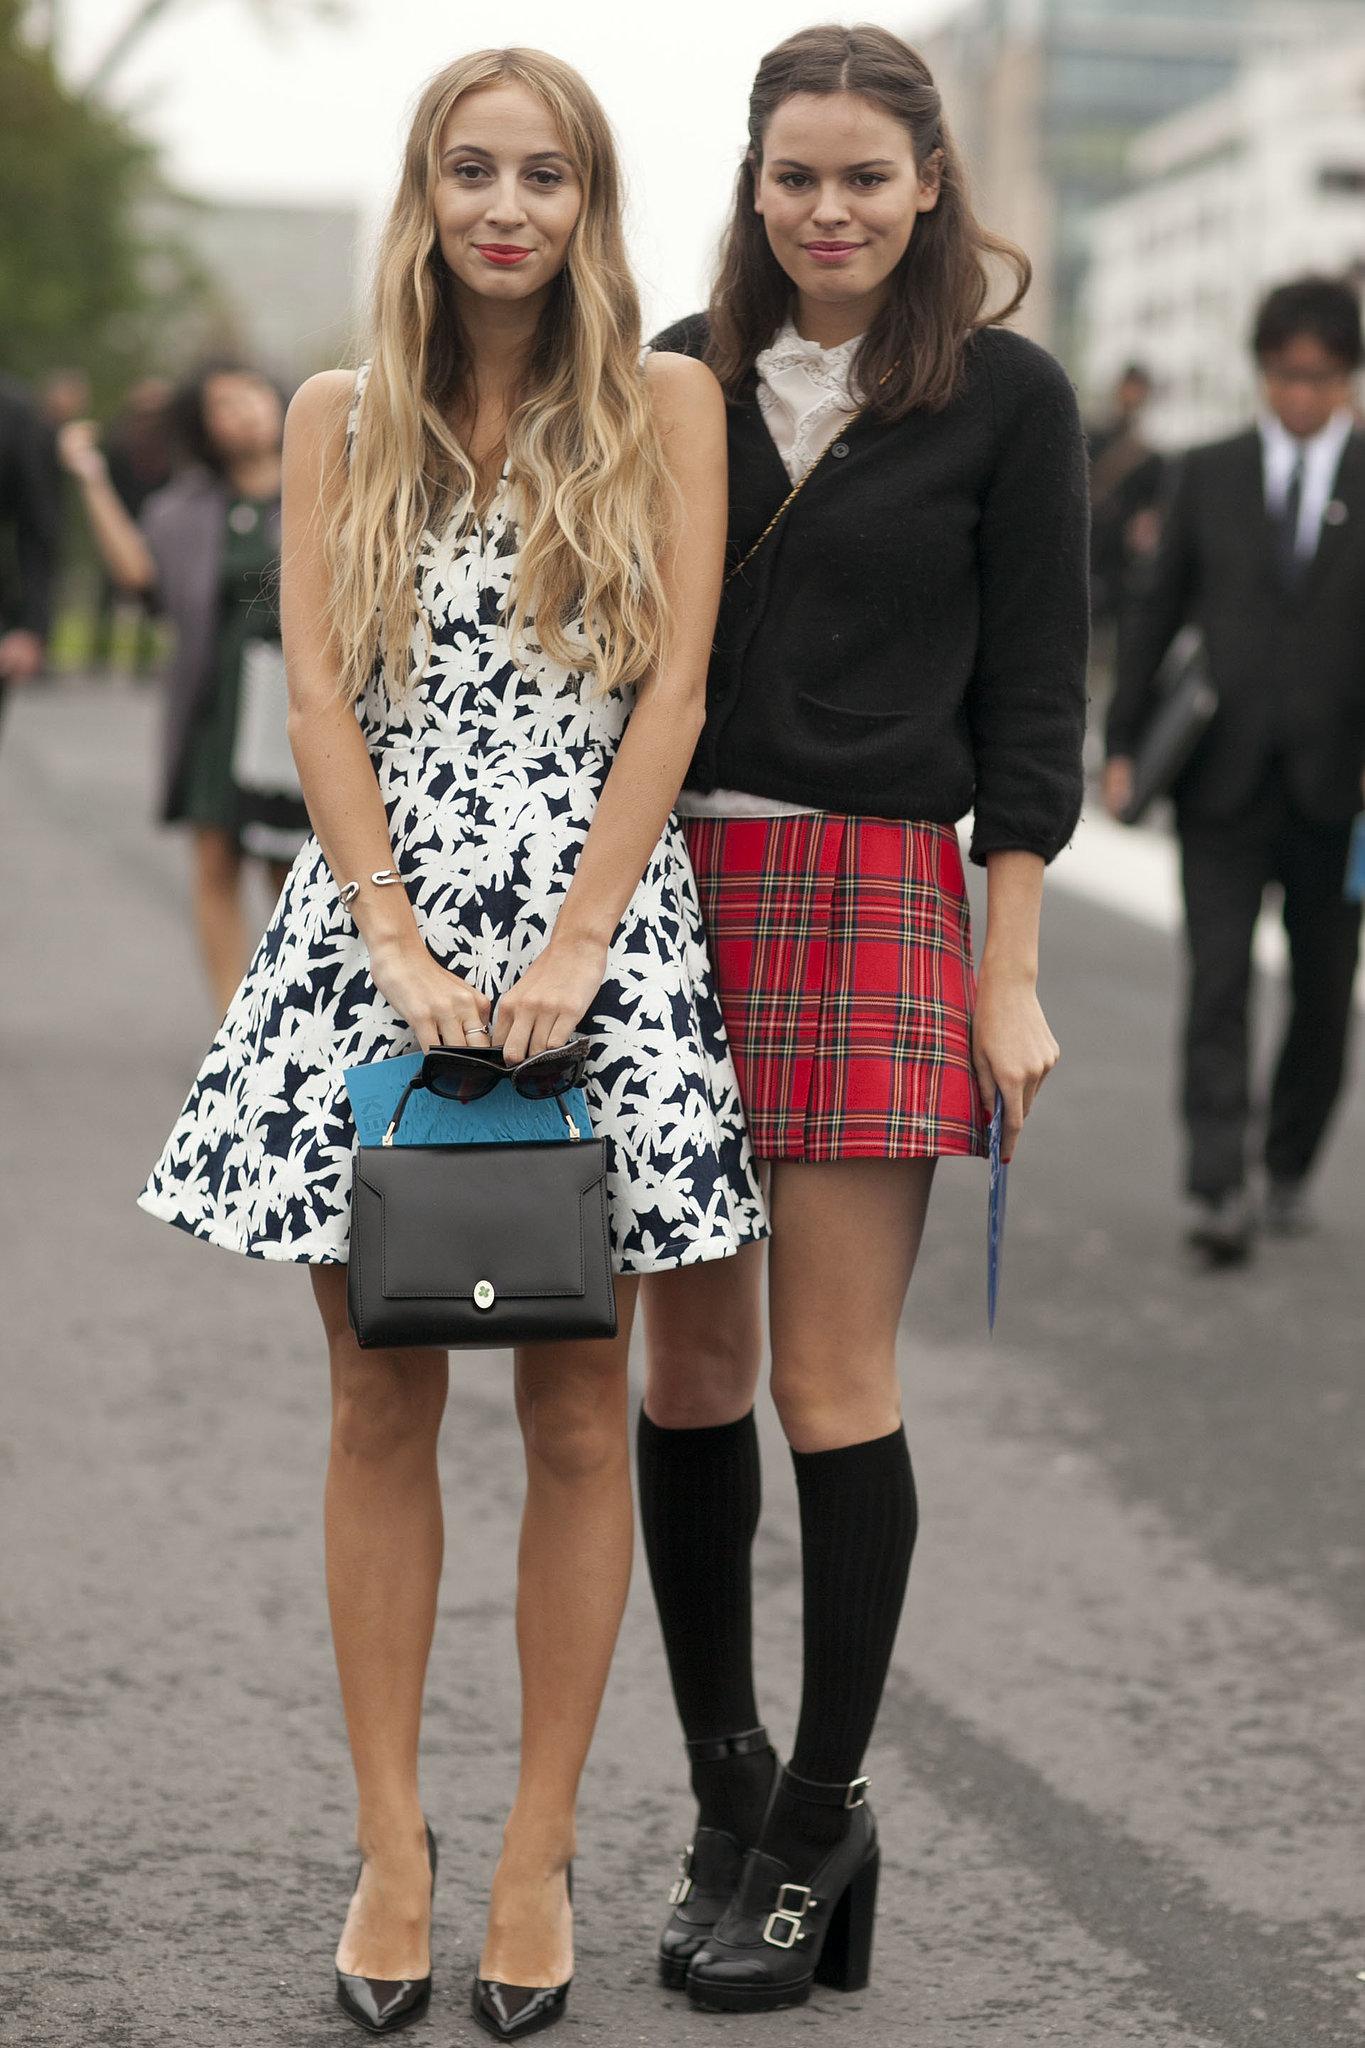 Fashion stylist schools in atlanta 12